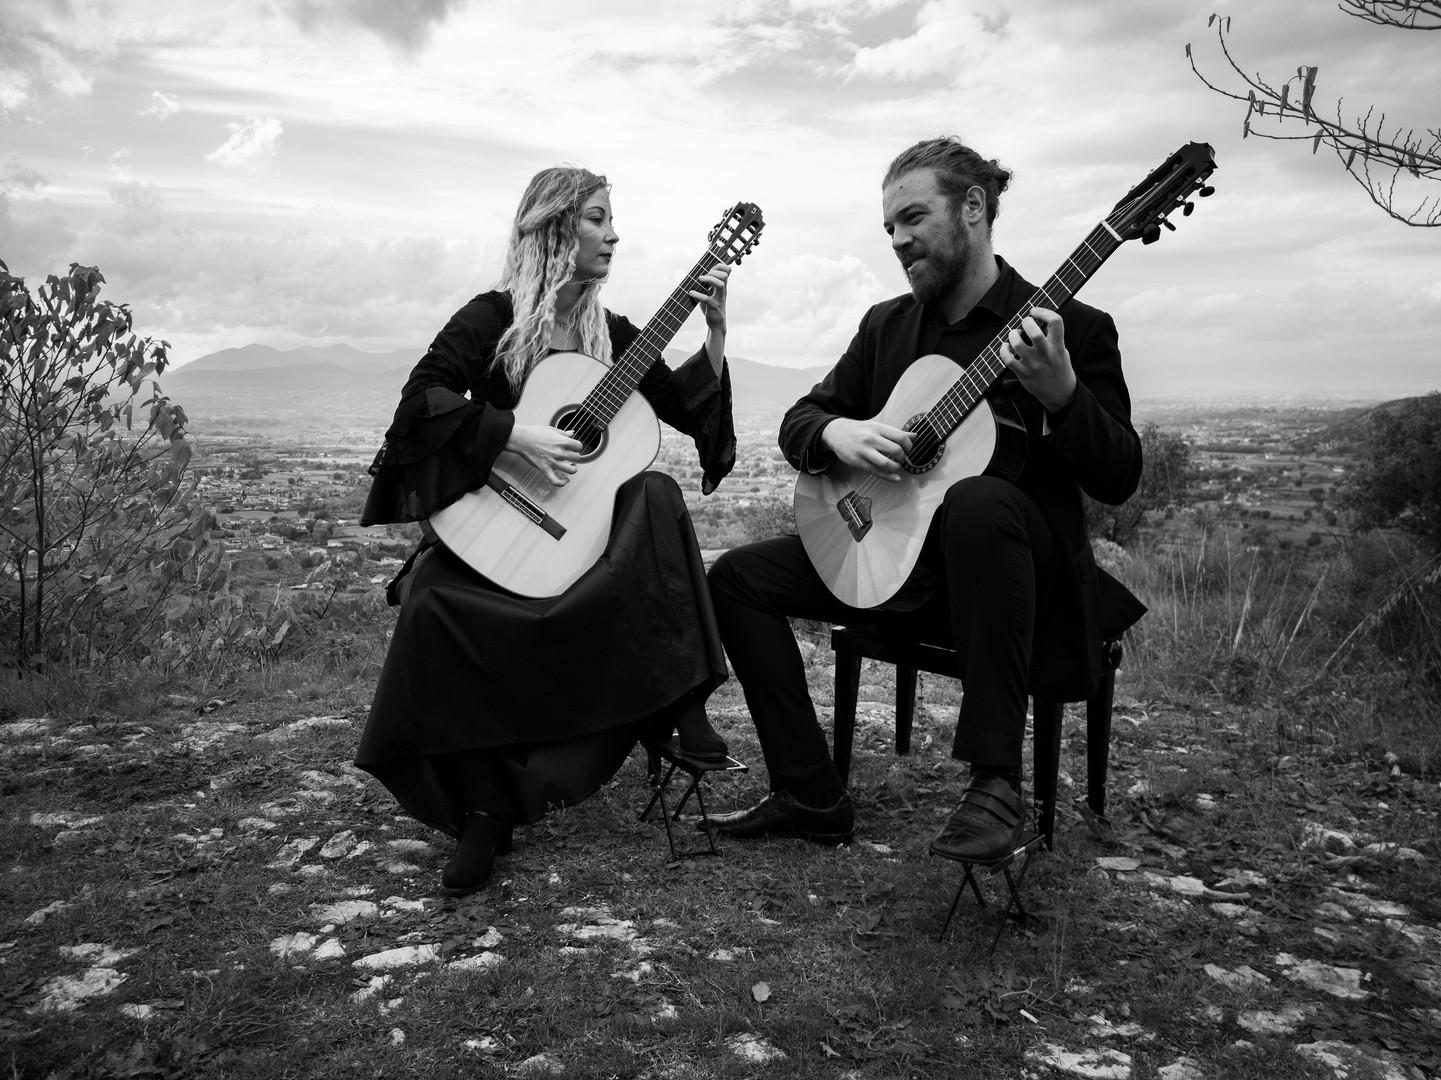 MoNo Guitar Duo Asturias bw